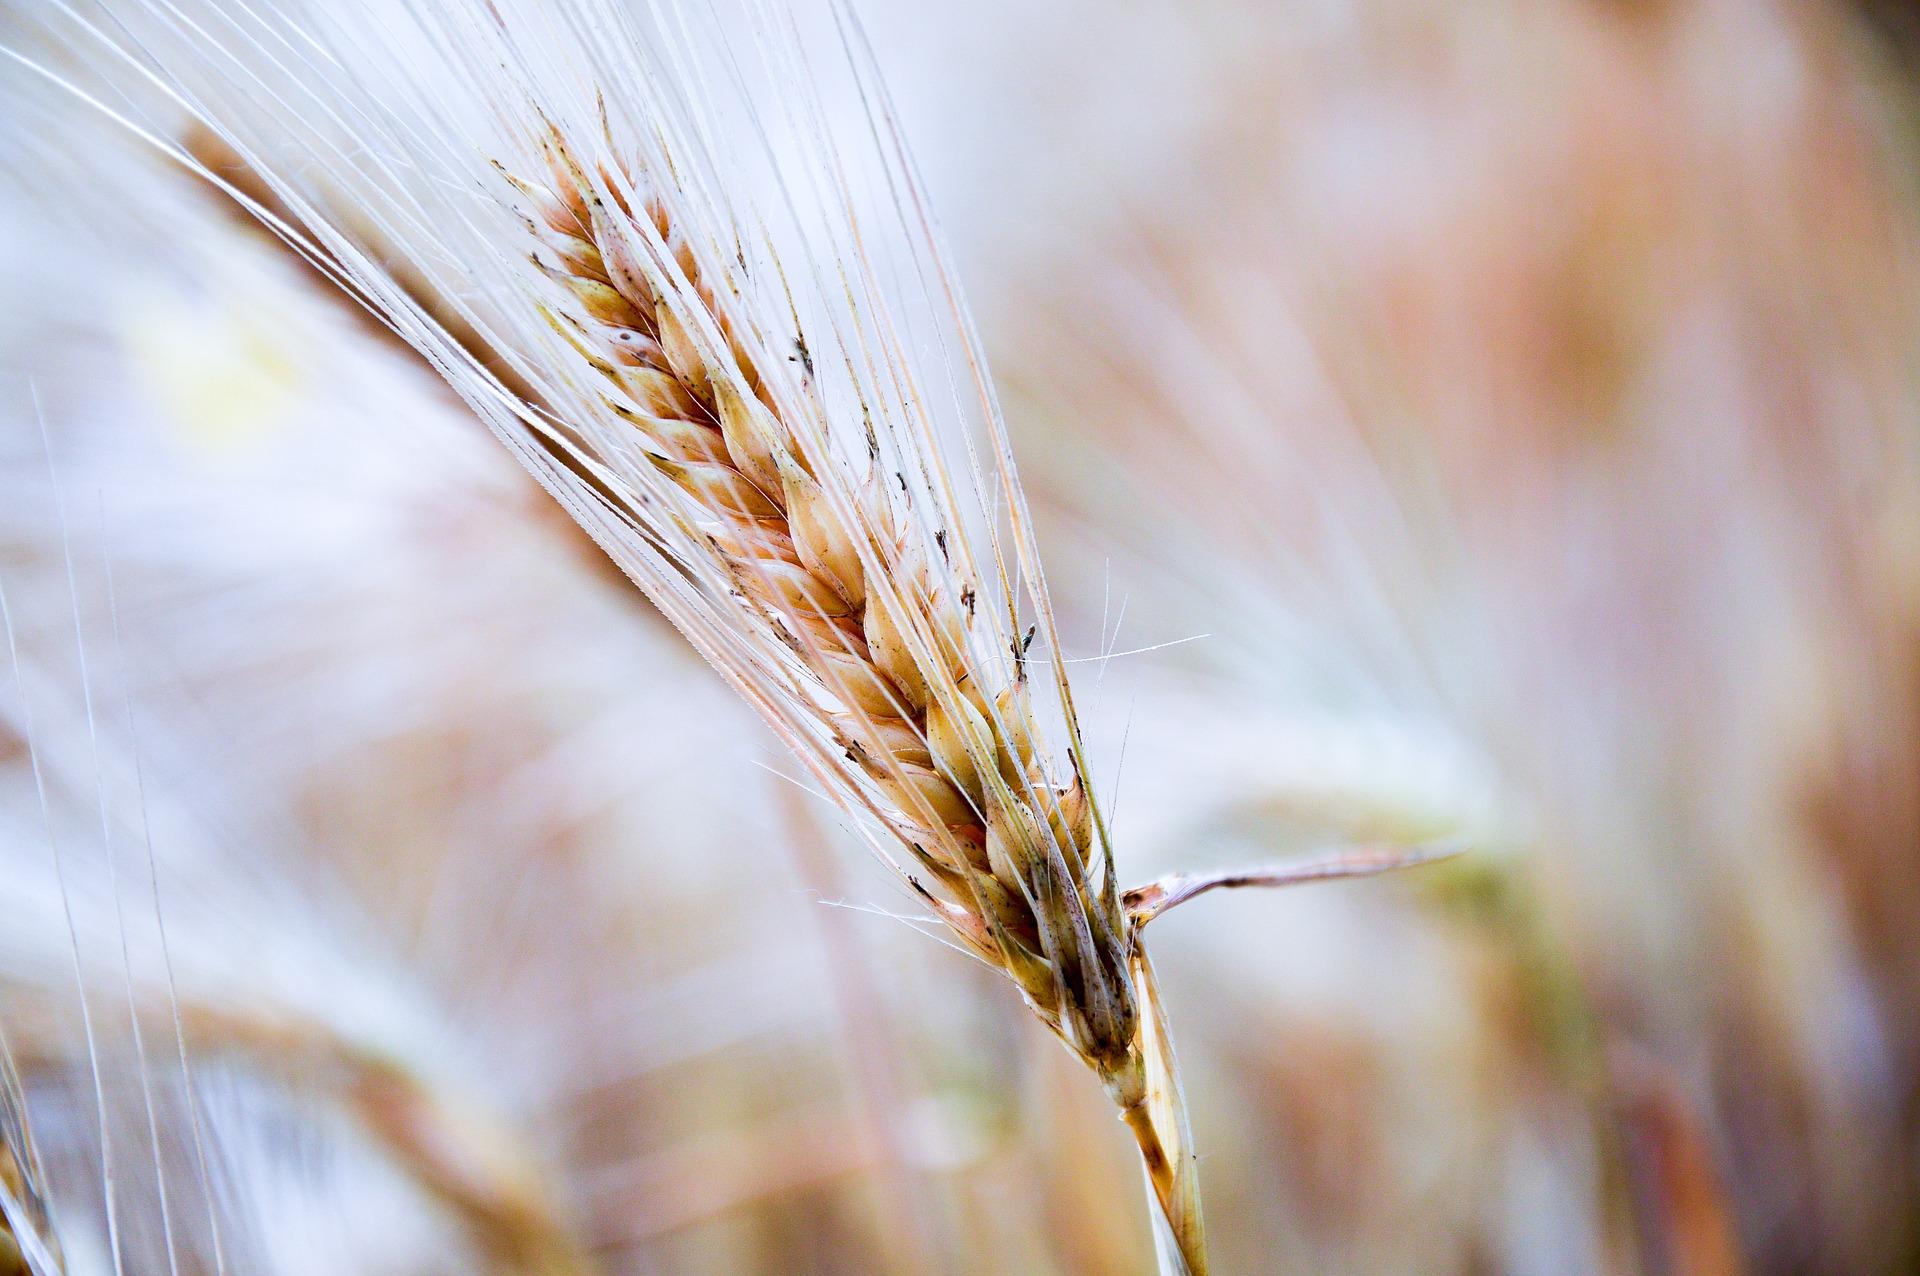 Straty spowodowane suszą wynoszą ponad 1 mld zł